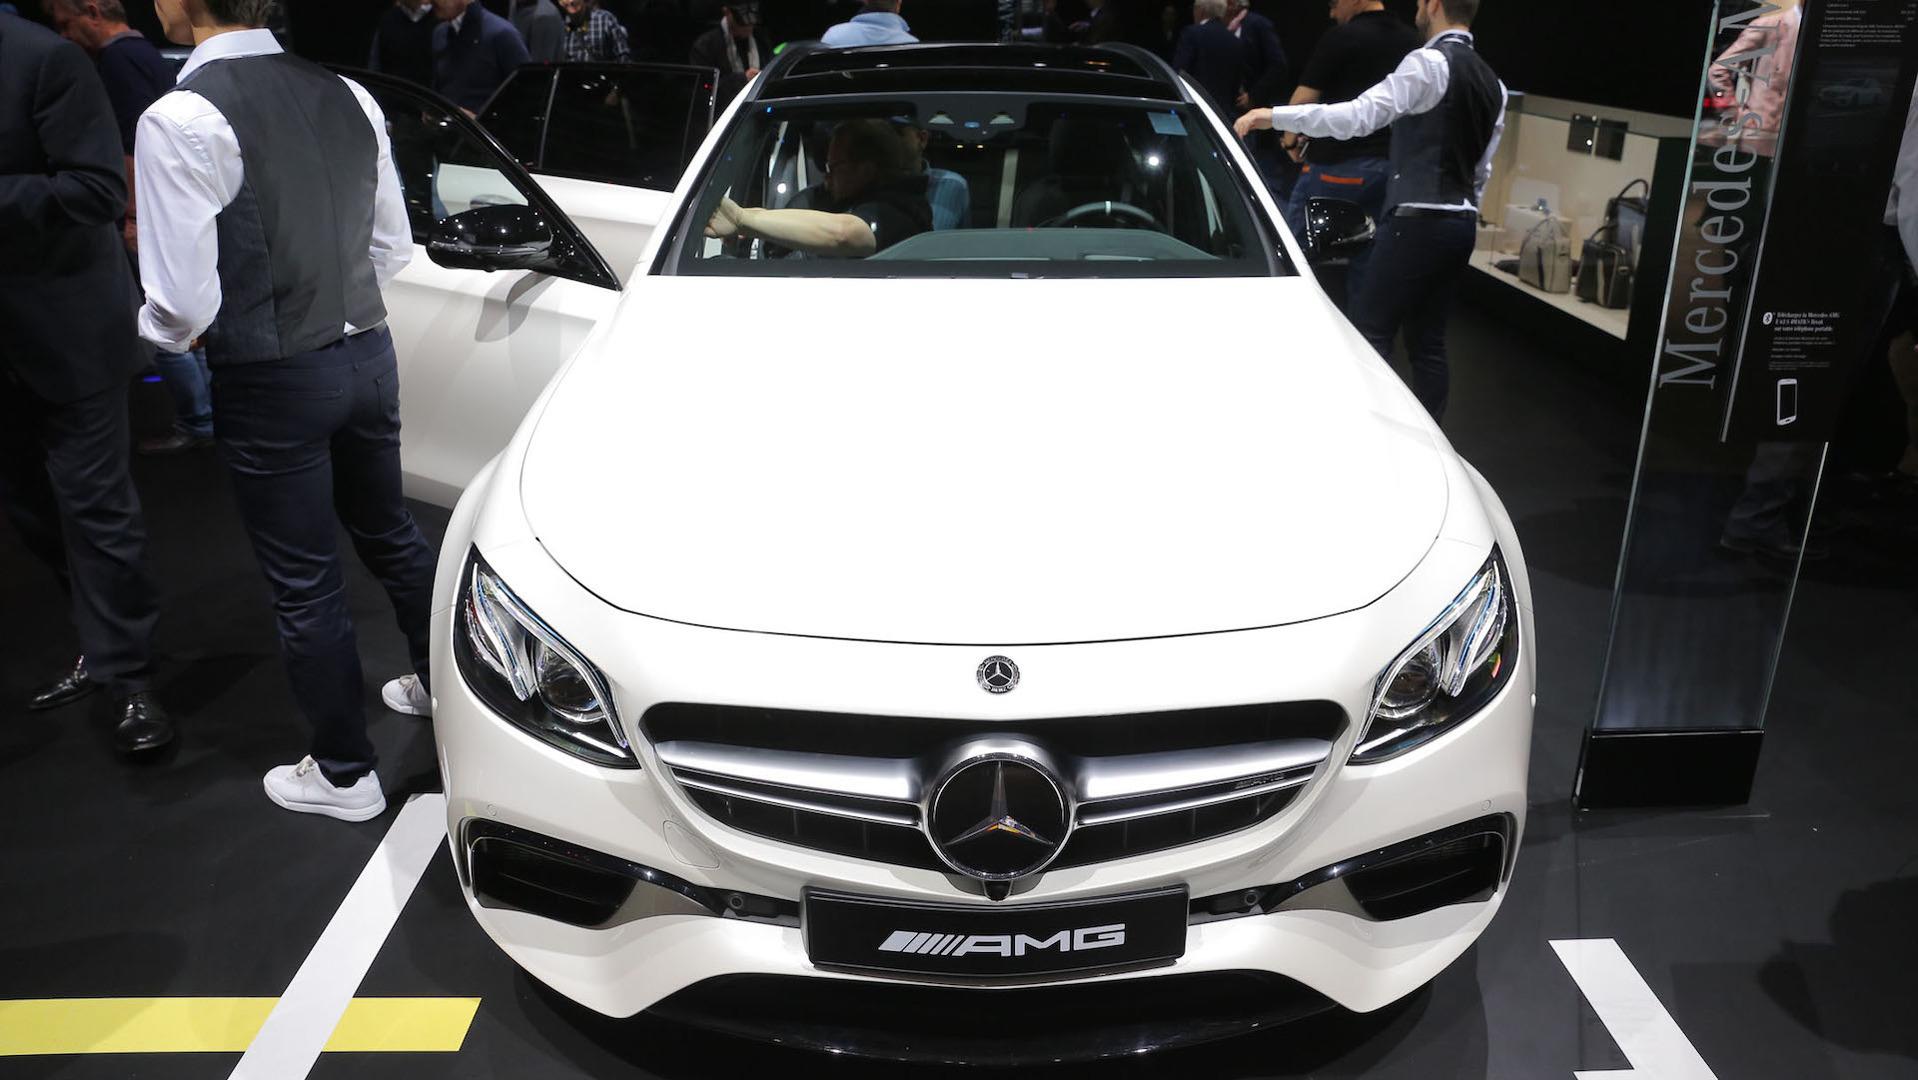 مرسدس AMG E63 S - اجاره خودرو - اجاره ماشین - کرایه ماشین